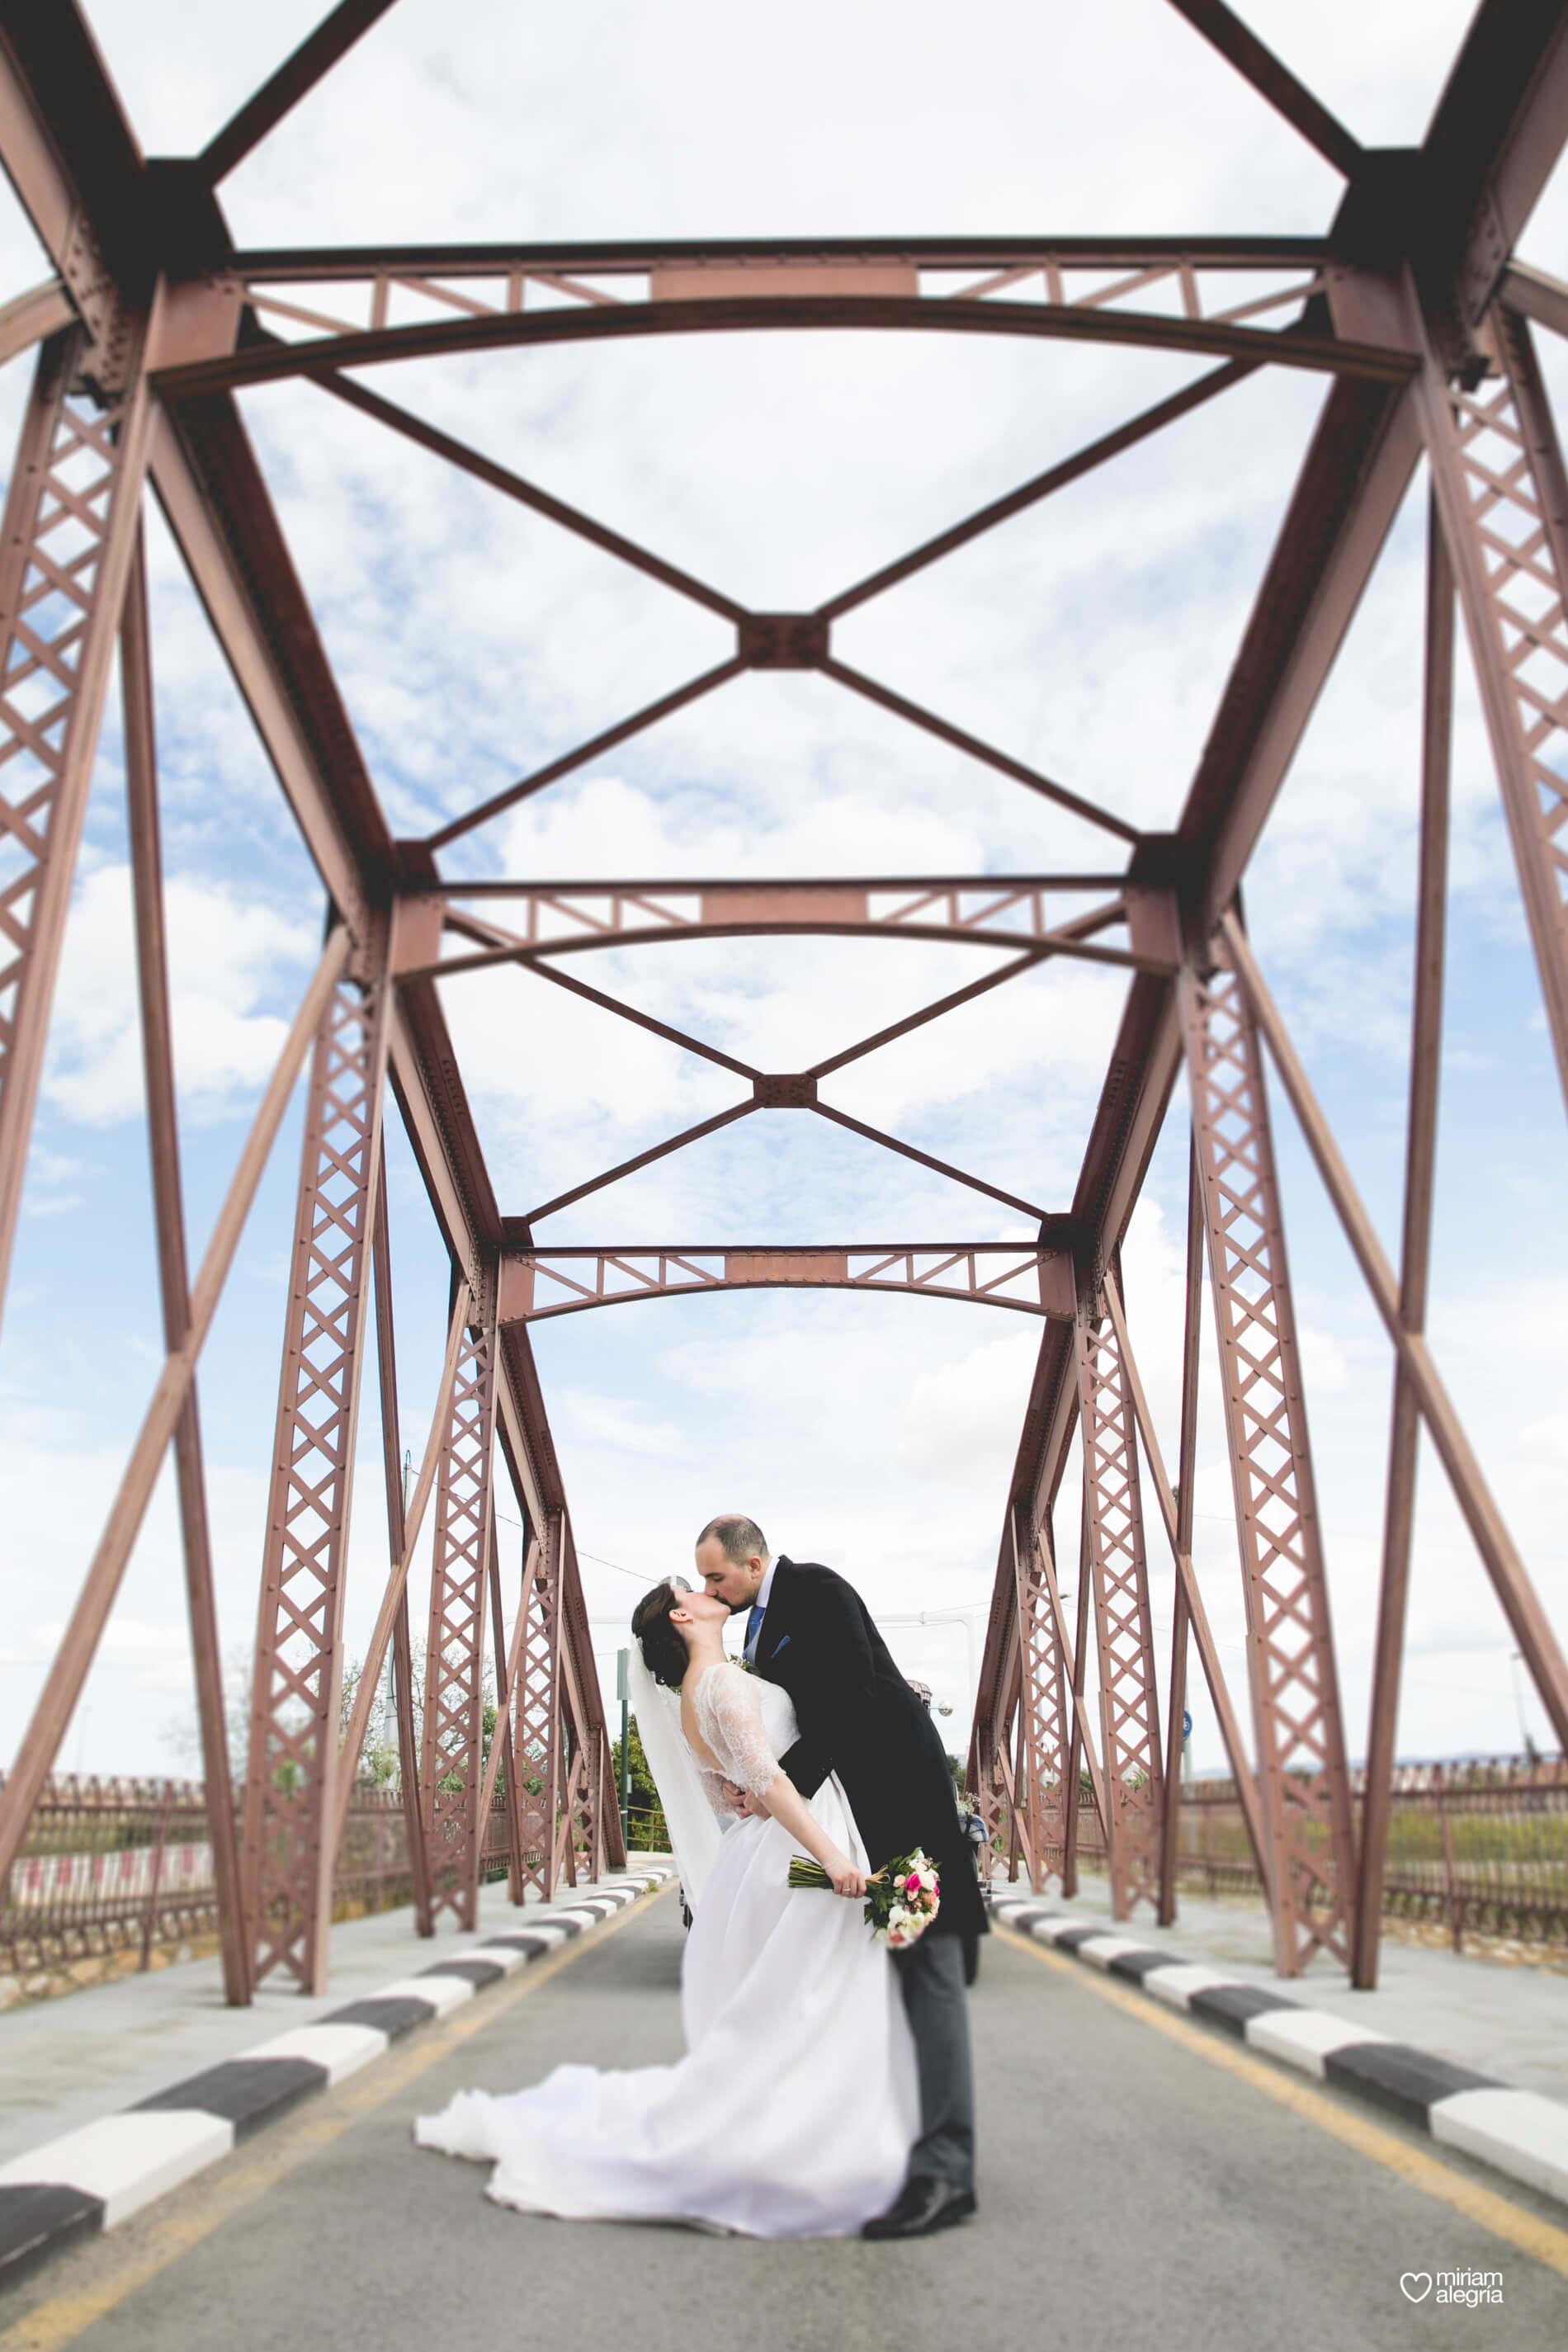 boda-en-el-rincon-huertano-miriam-alegria-fotografos-boda-murcia-100